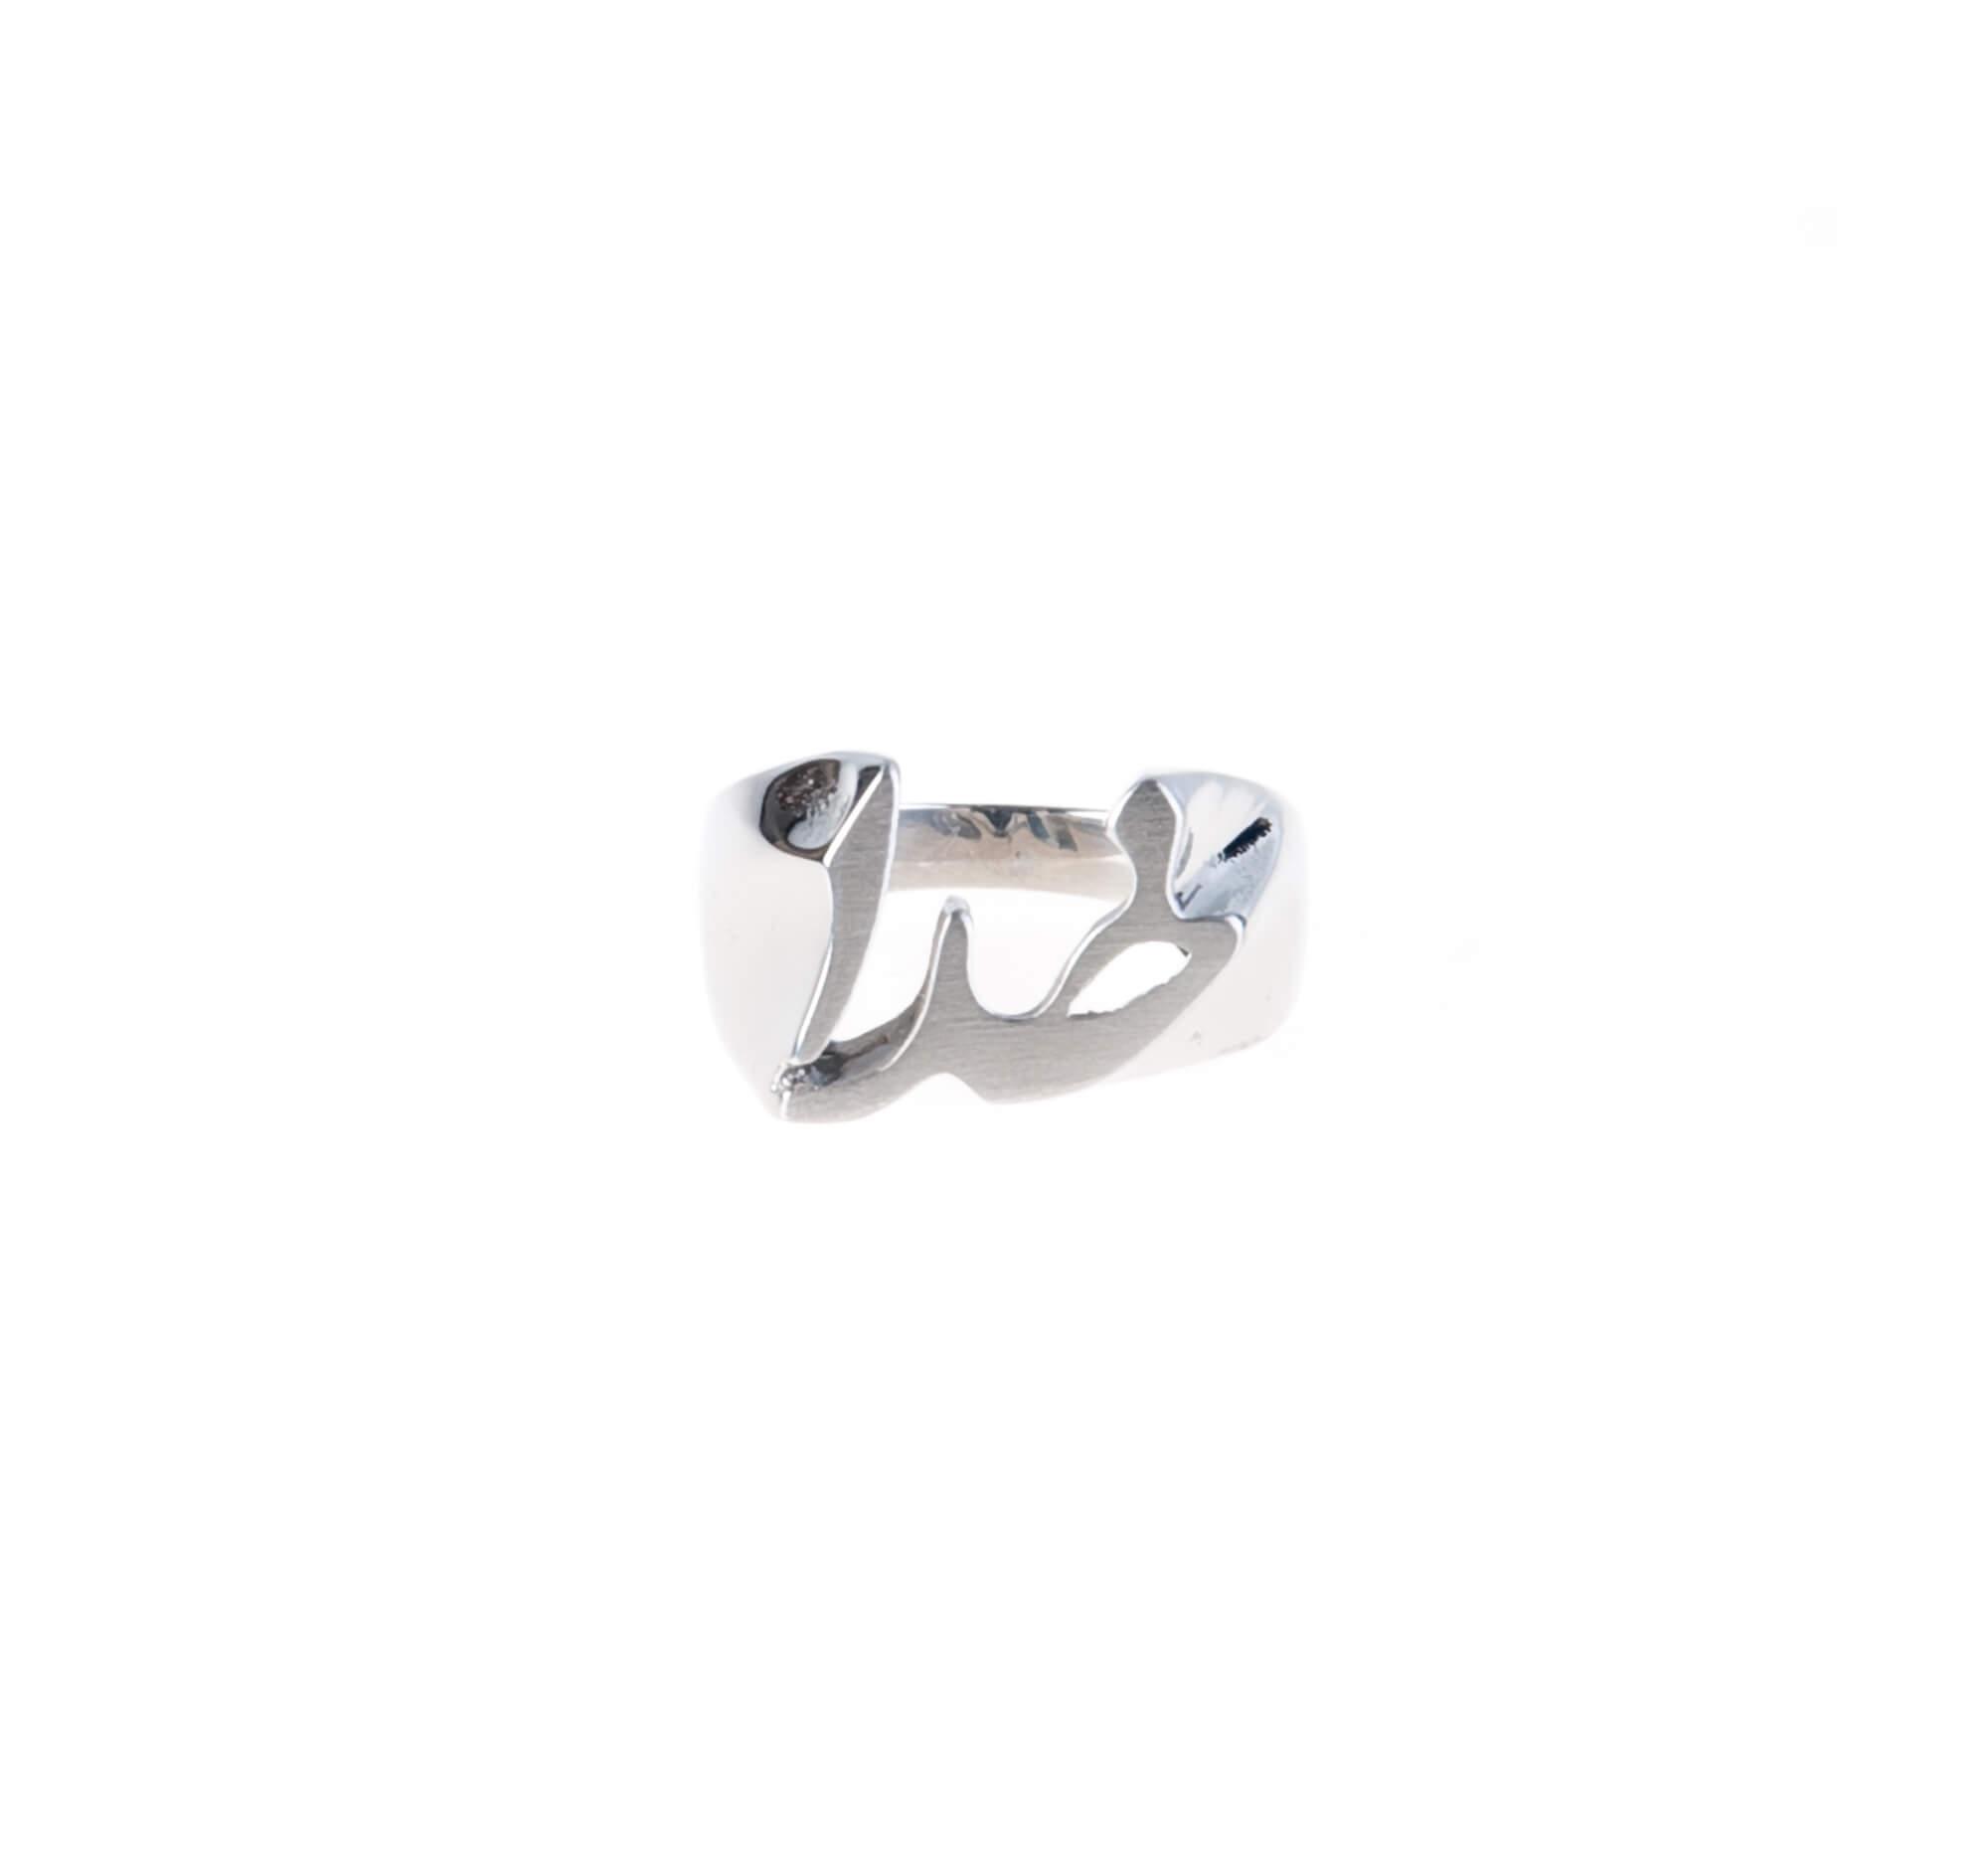 انگشتر مردانه استیل نقره ای با طرح خدا کد RI1002